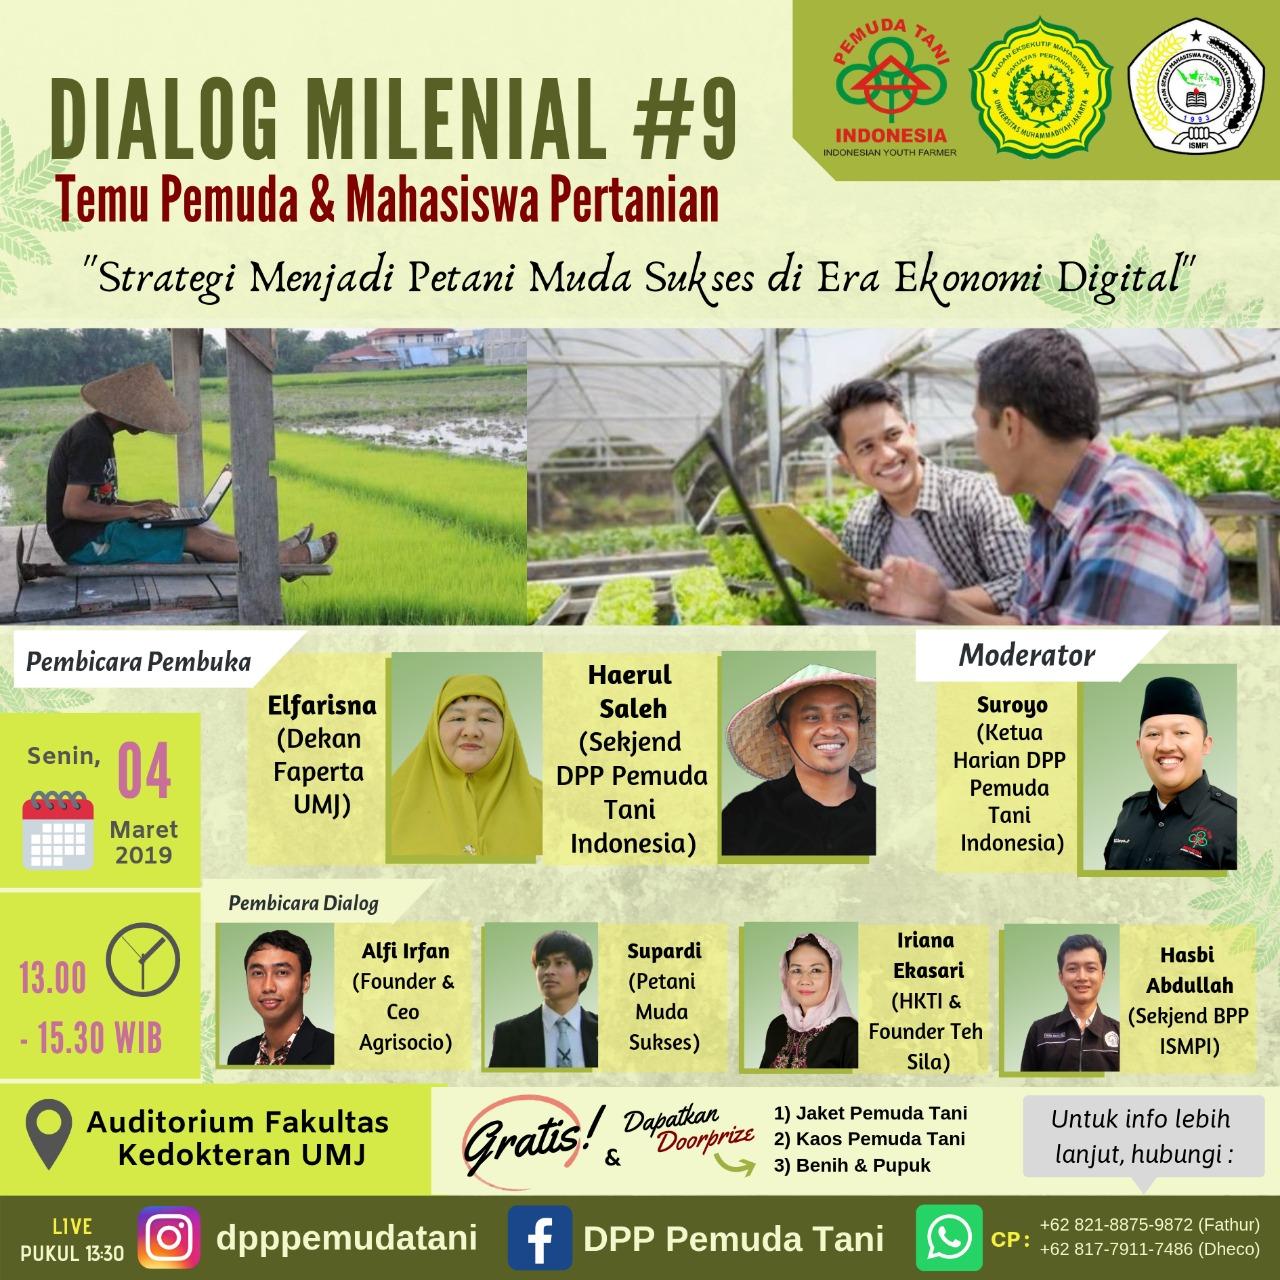 DIALOG MILENIAL #9 Temu Pemuda dan Mahasiswa Pertanian